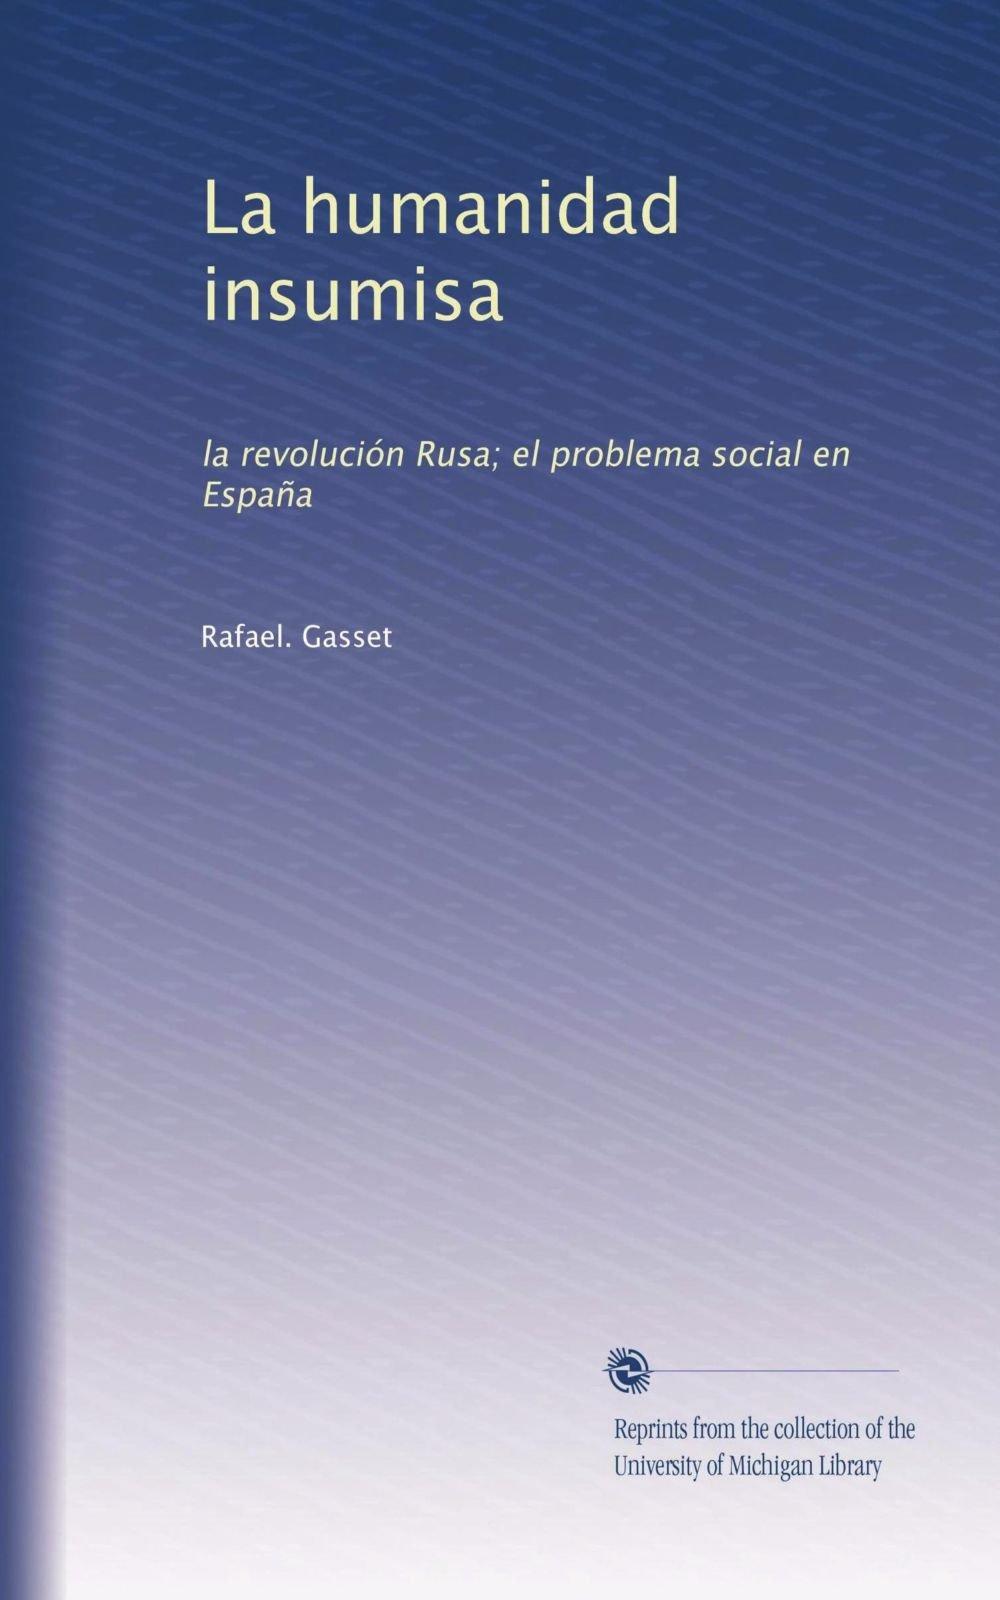 HUMANIDAD INSUMISA - LA. LA REVOLUCION RUSA. EL PROBLEMA SOCIAL EN ESPAÑA: Amazon.es: GASSET, RAFAEL, GASSET, RAFAEL, GASSET, RAFAEL: Libros